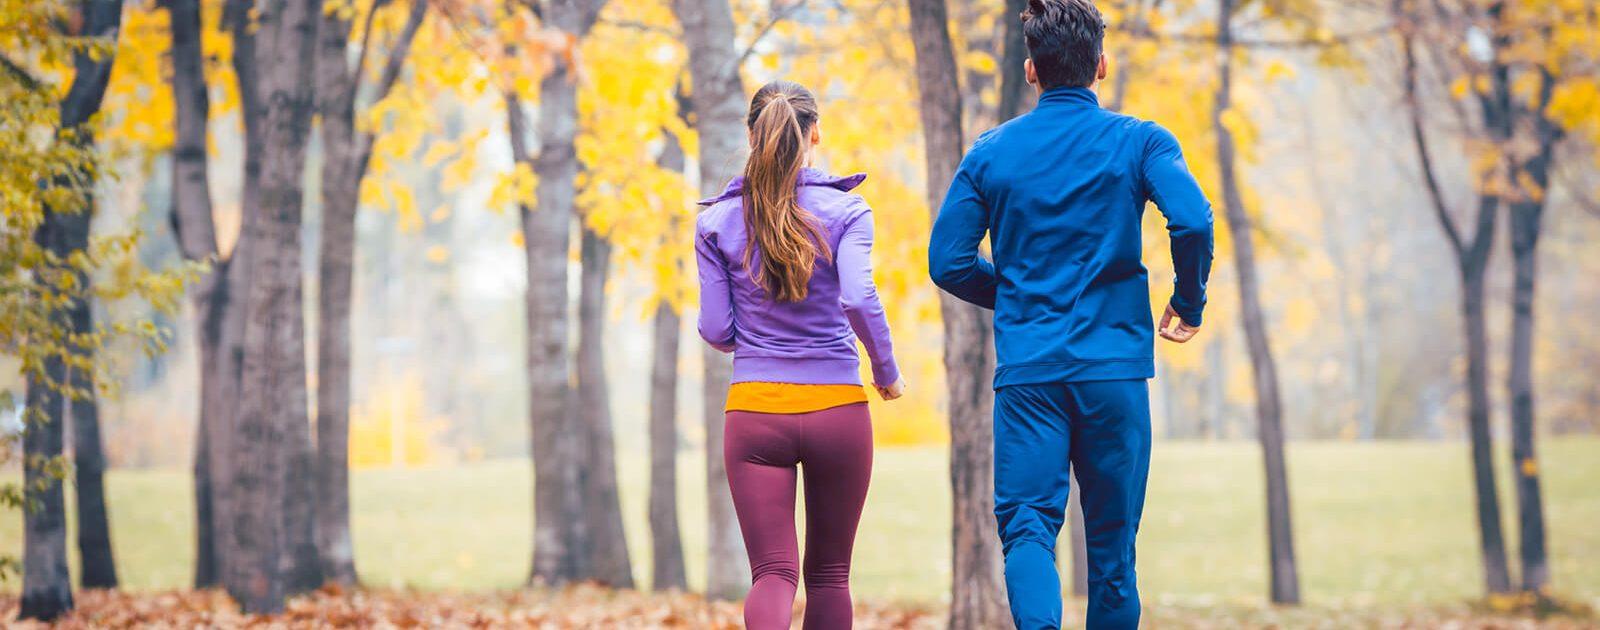 Hämorrhoiden Definition - joggendes Paar im Wald